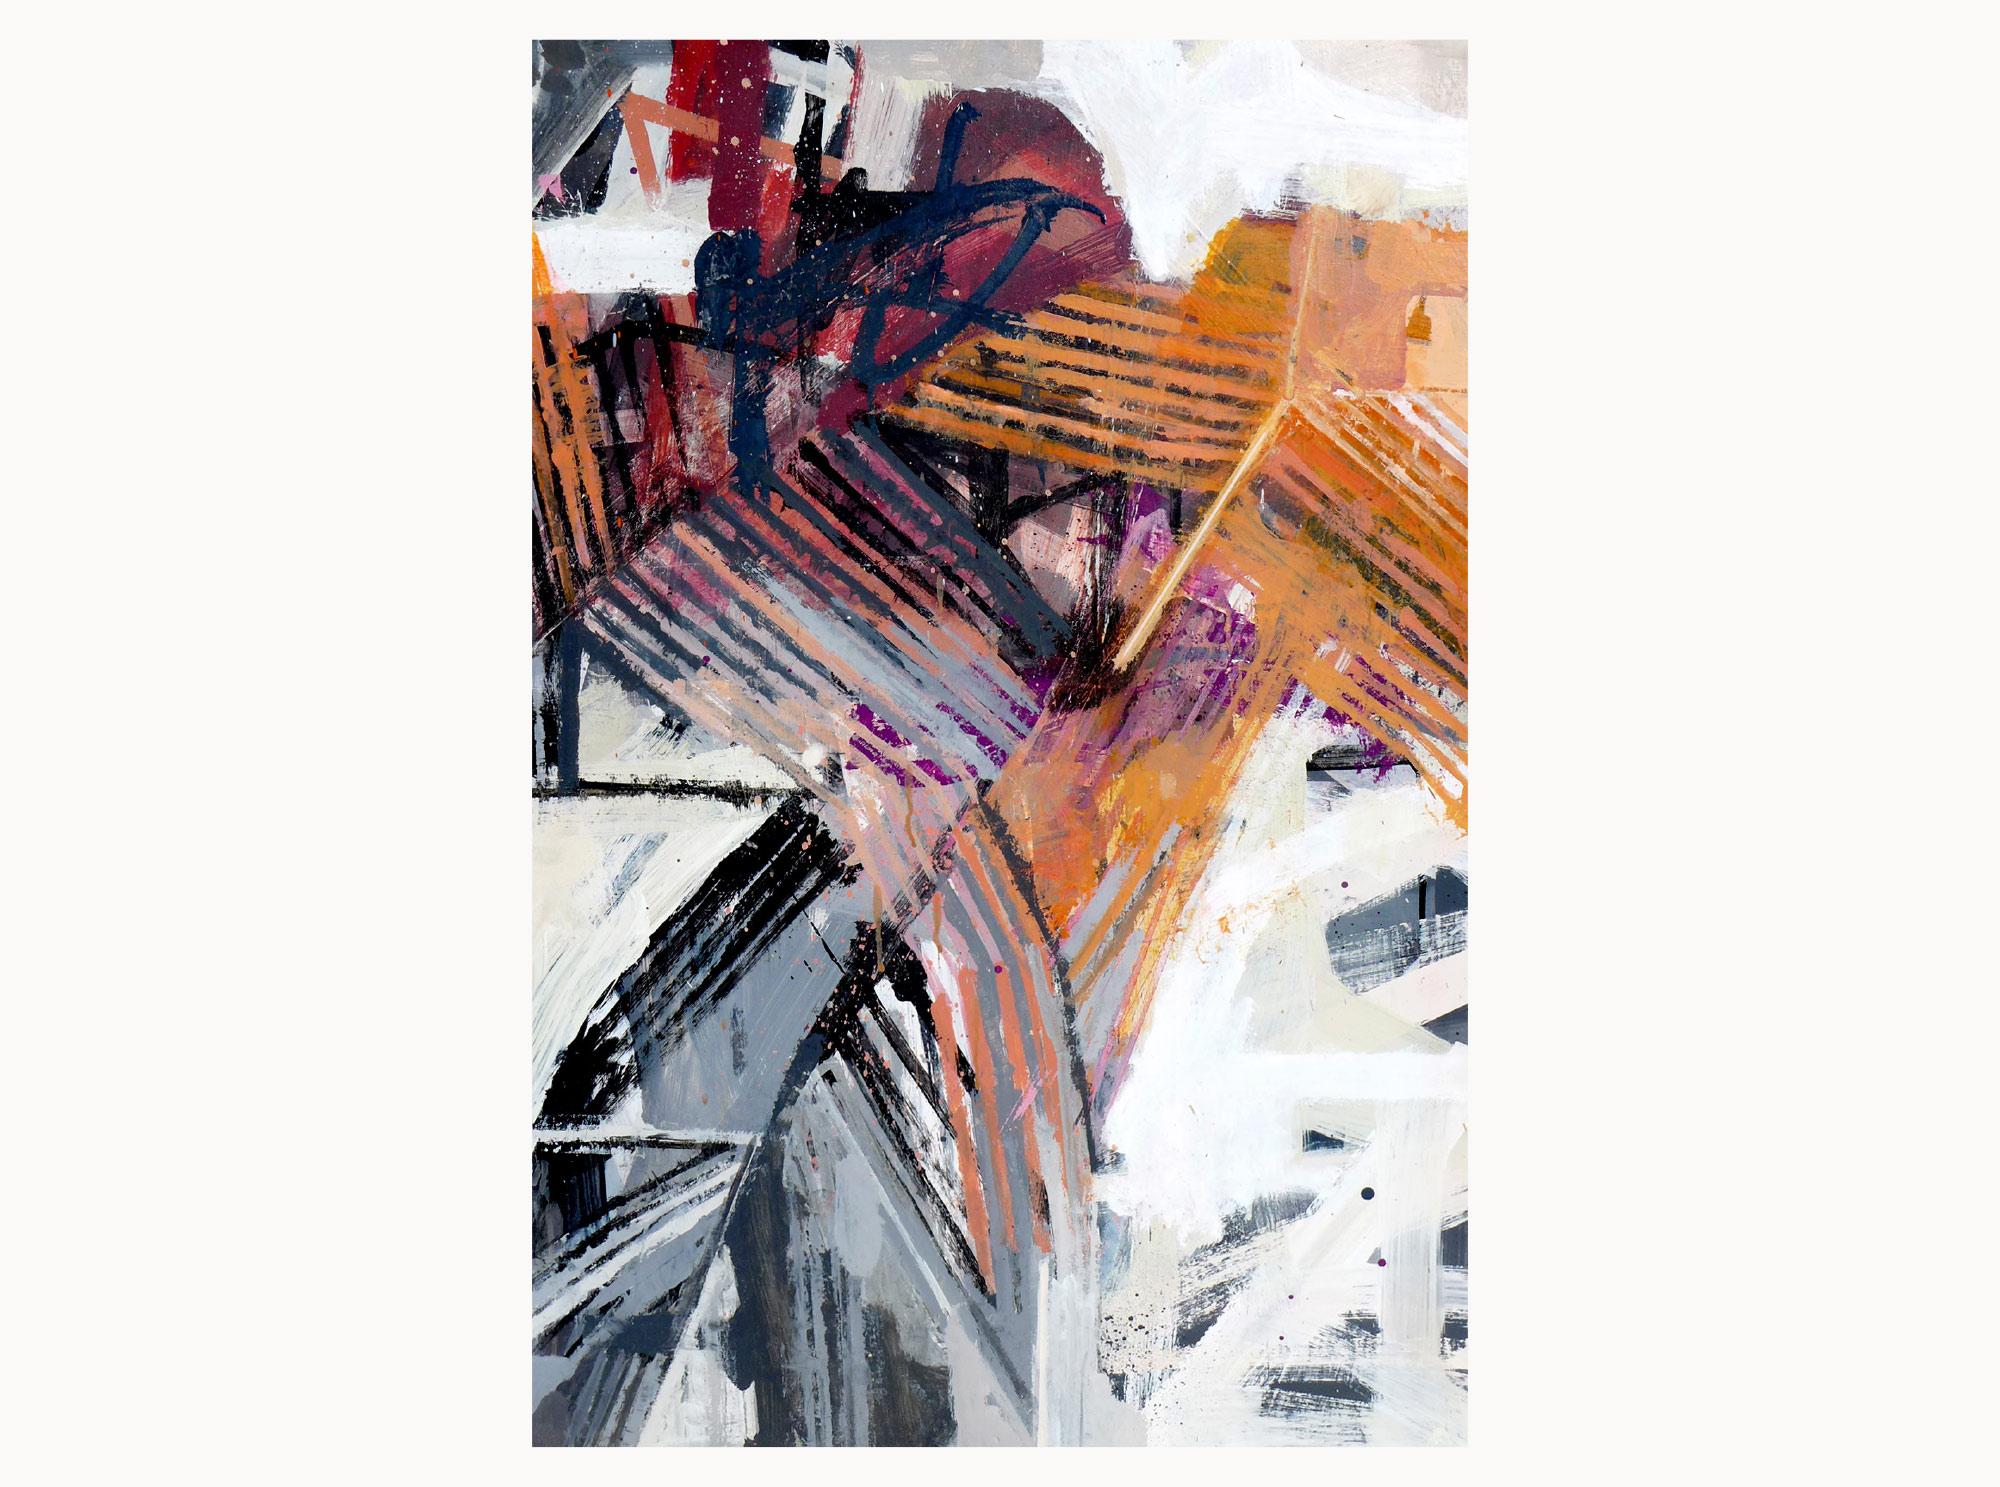 Sumer shade , 2018, acrylic, aerosol, plywood, 60 x 90 cm